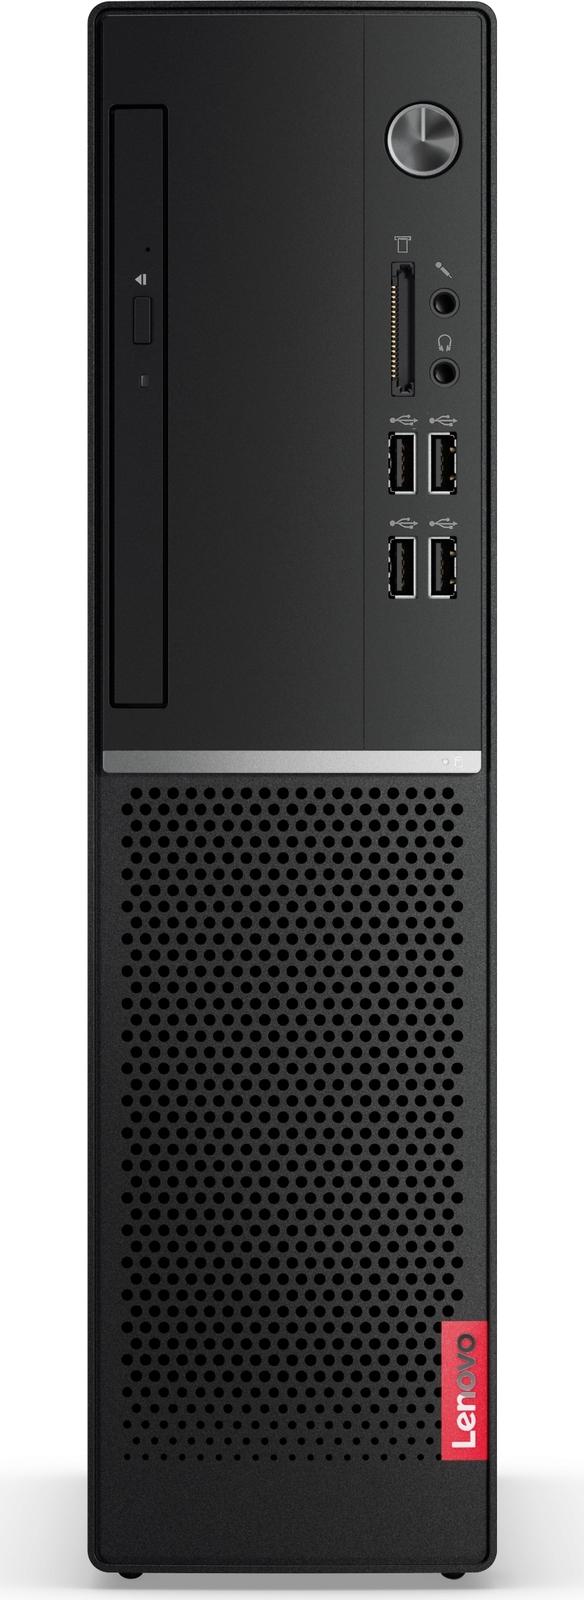 Системный блок Lenovo V520s-08IKL SFF, 10NM0057RU, черный системный блок hp 280 g2 sff y5p86ea черный